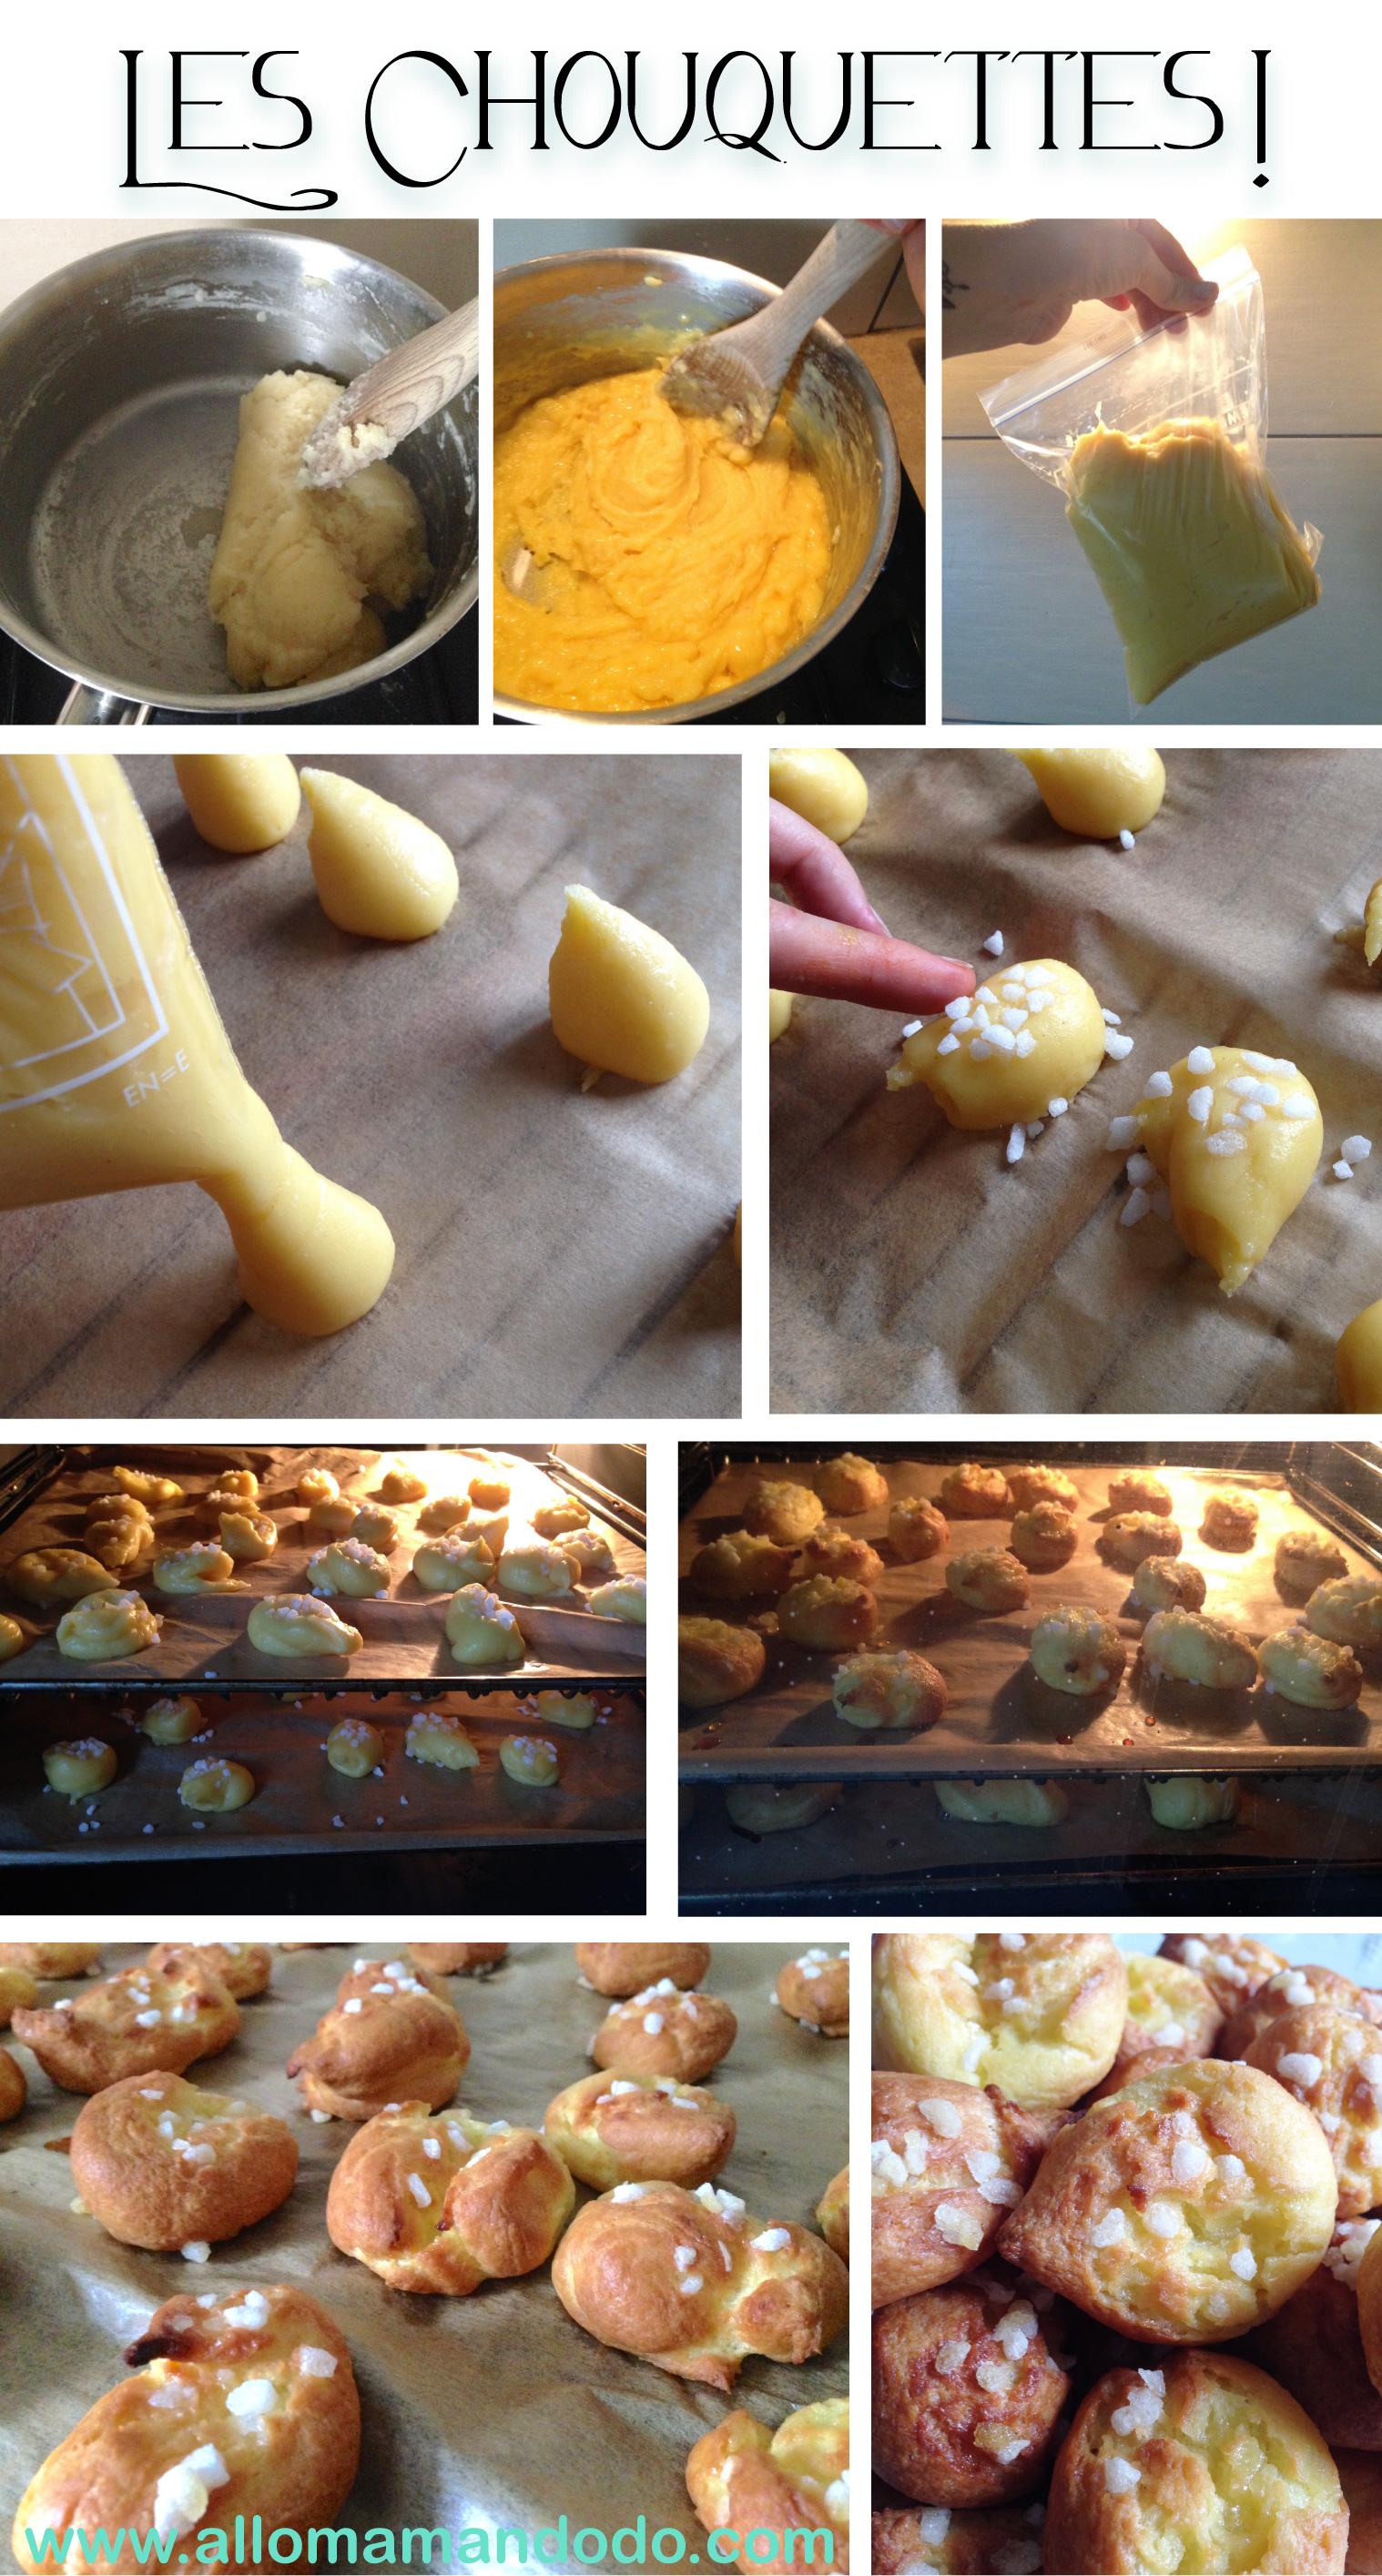 recette-chouquettes